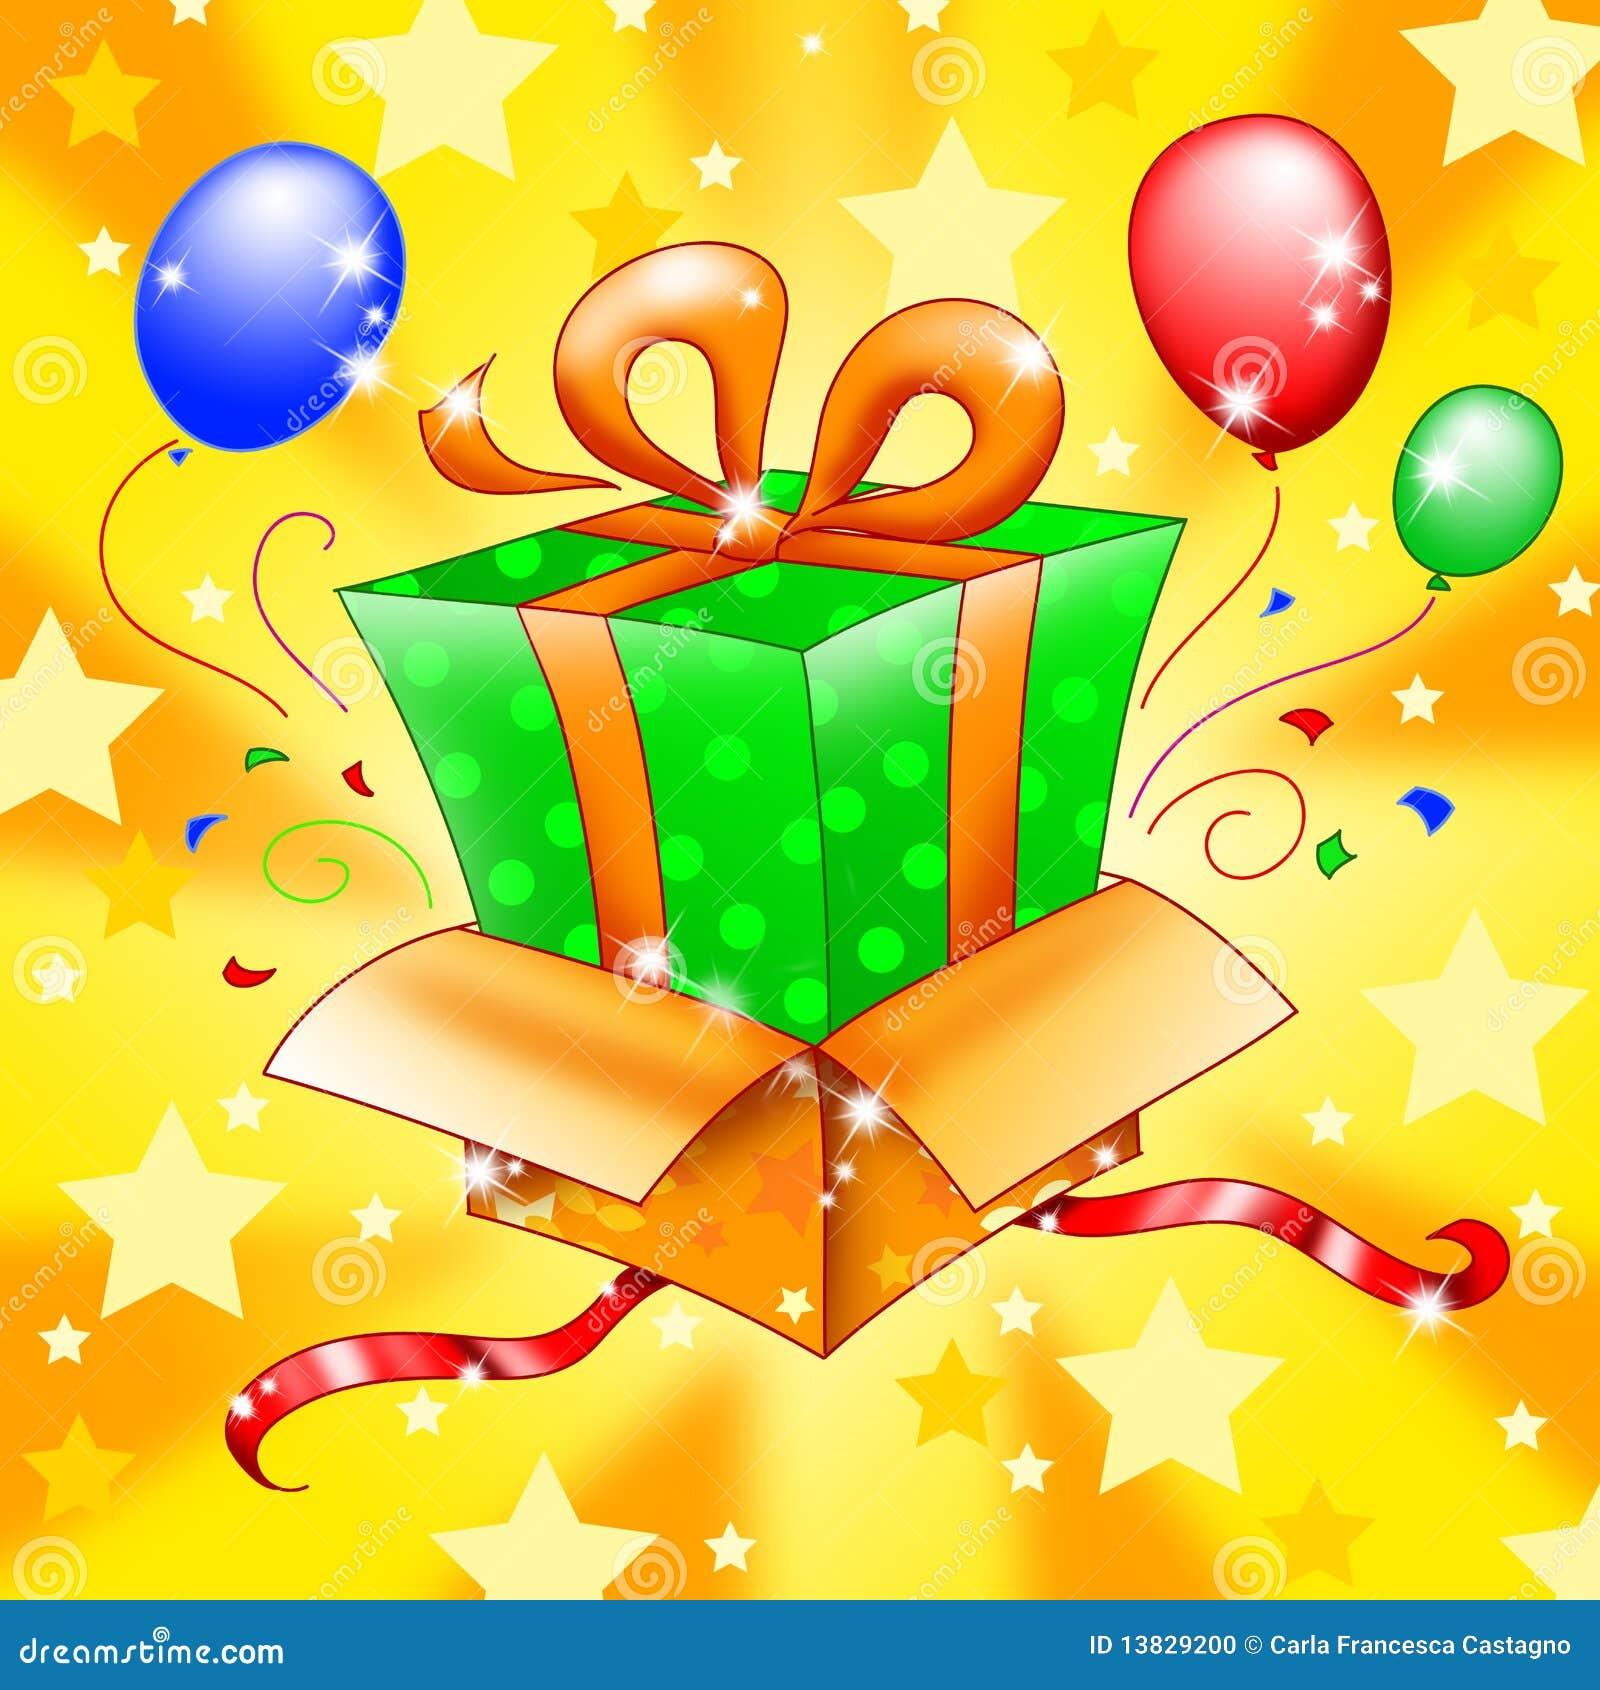 Sorprese Per Un Compleanno regalo di sorpresa illustrazione vettoriale. illustrazione